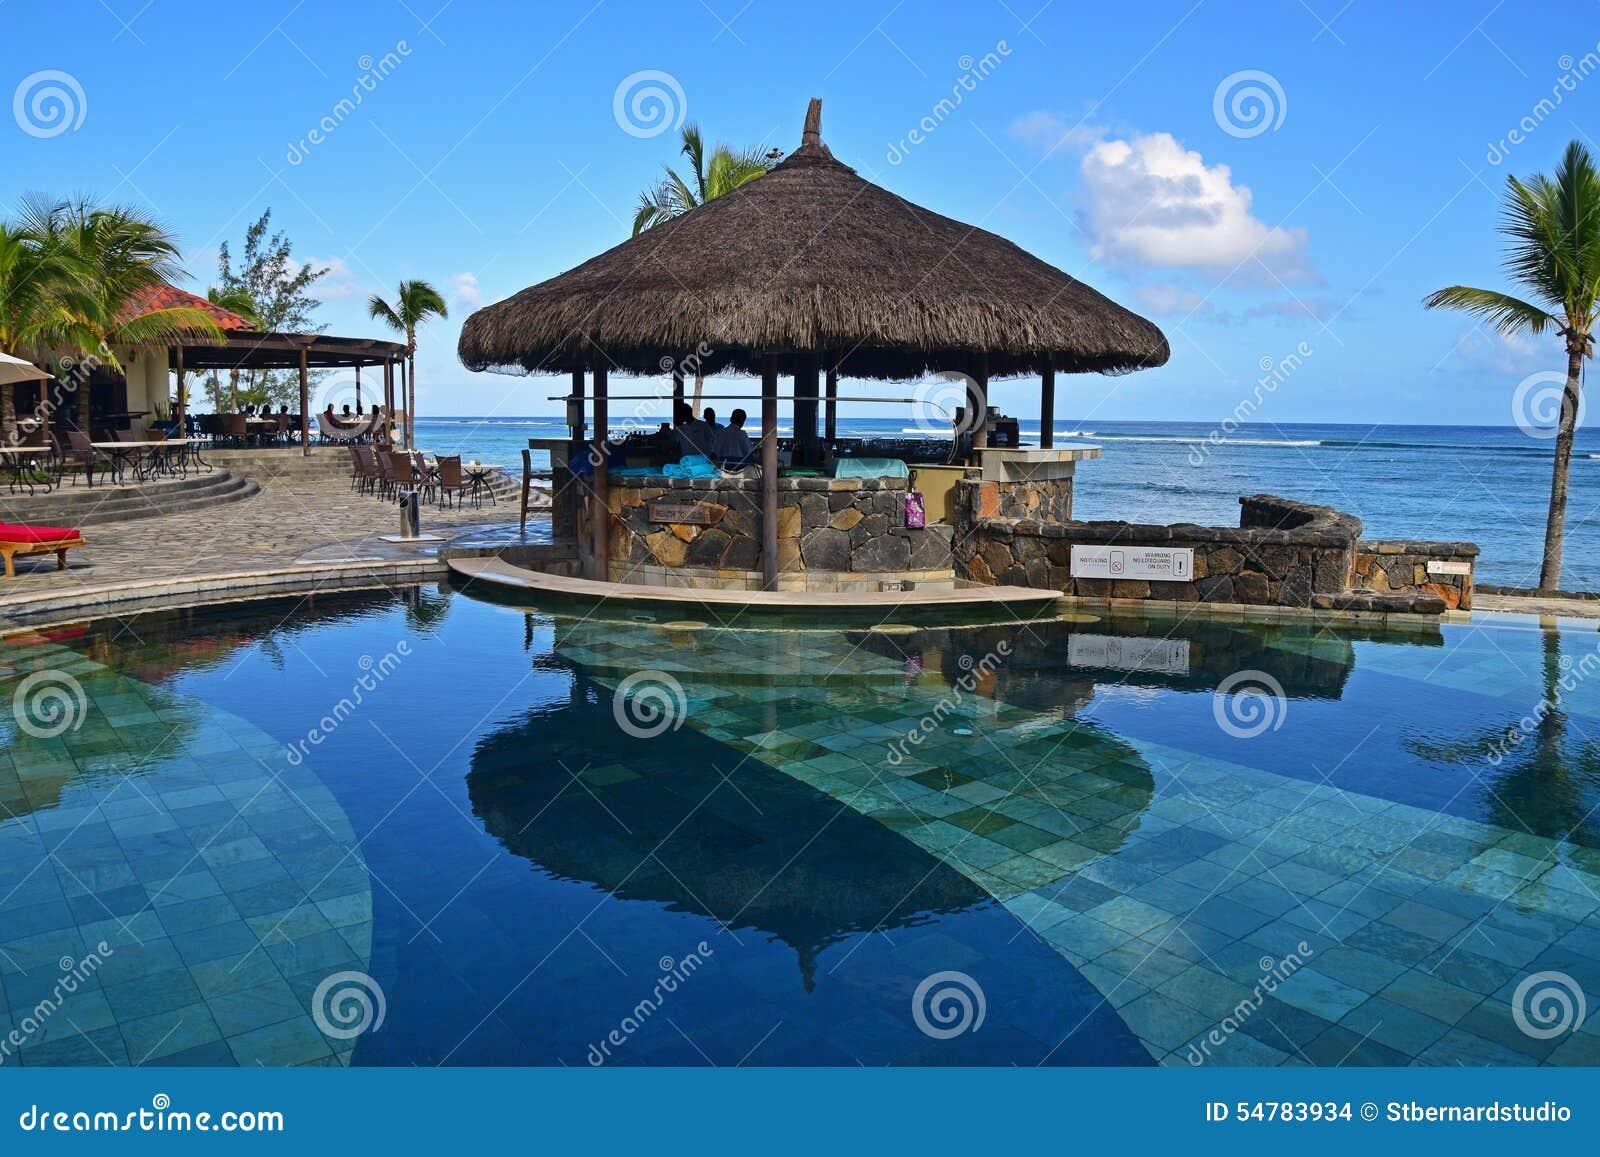 Gazebobar nahe bei einem Pool am tropischen Strand eines Hotelerholungsortes